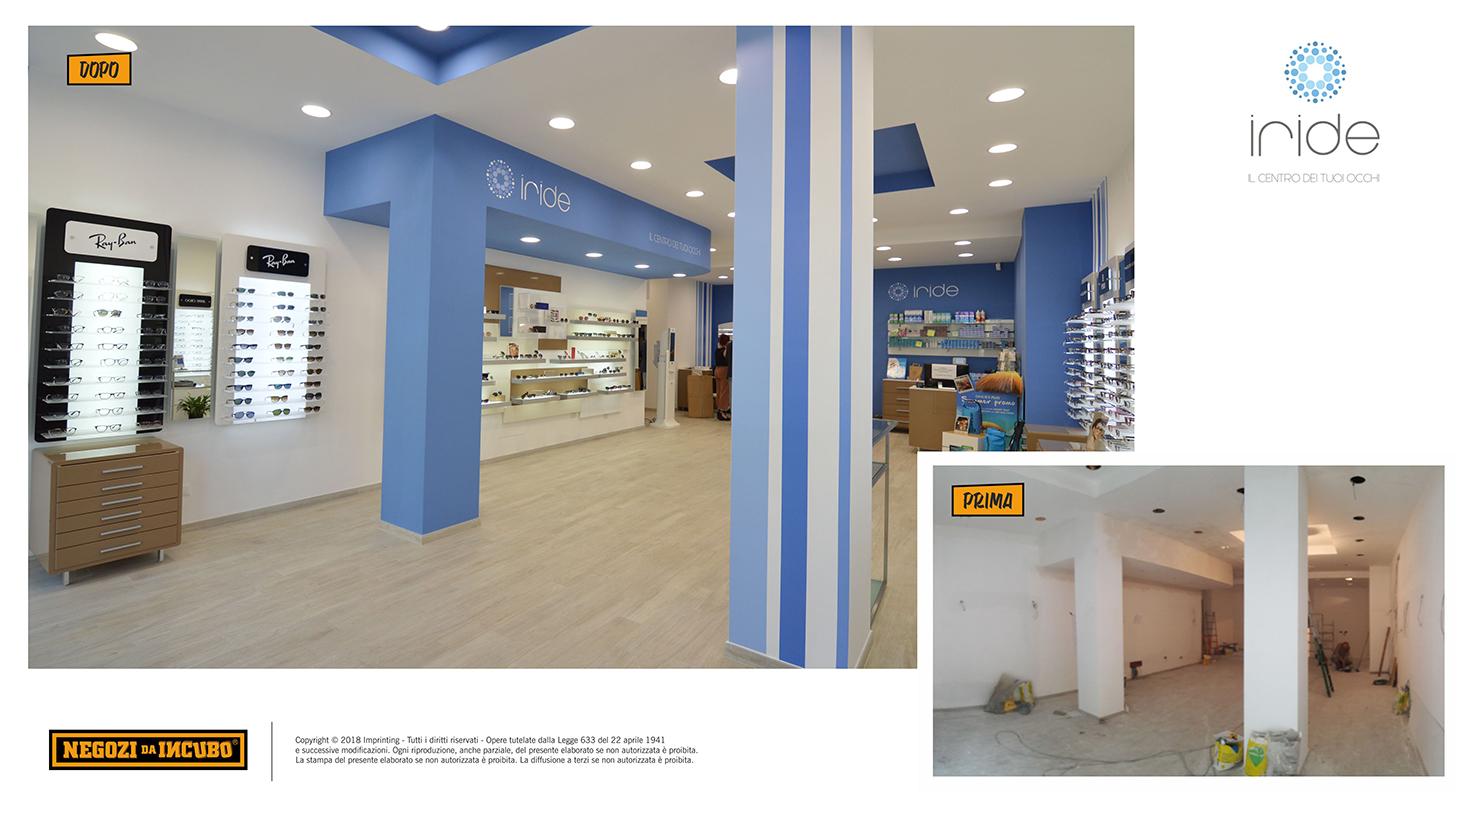 Negozi arredamento design roma for Negozi arredamento design roma